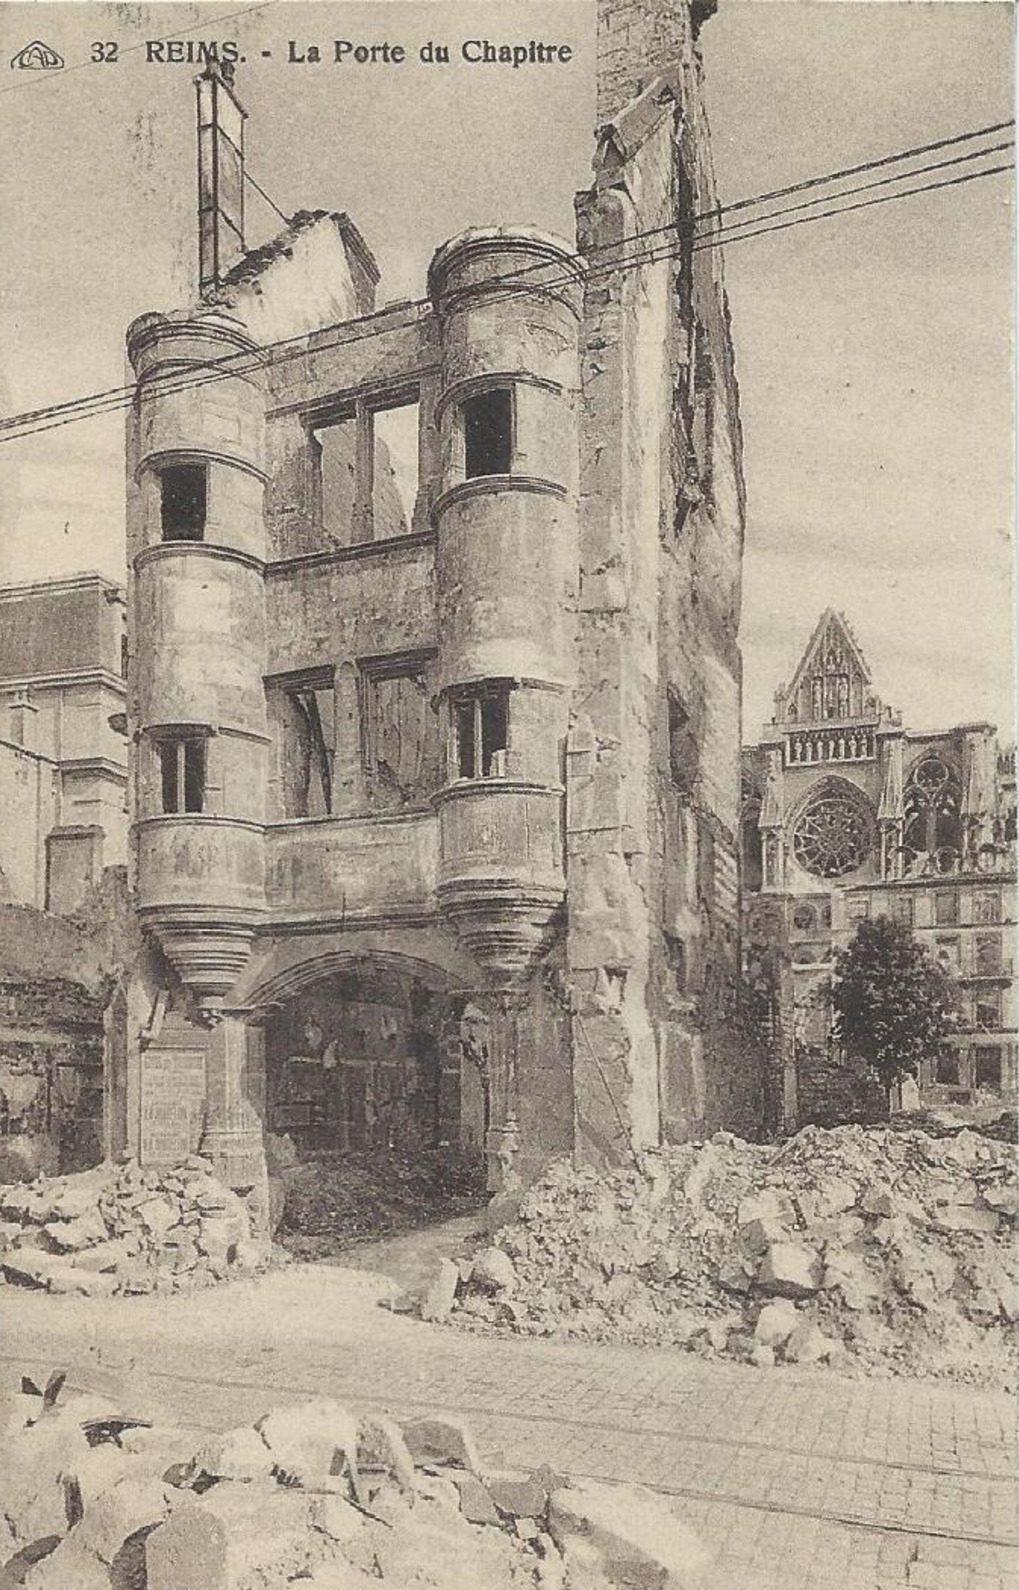 La Porte du Chapitre après la Guerre